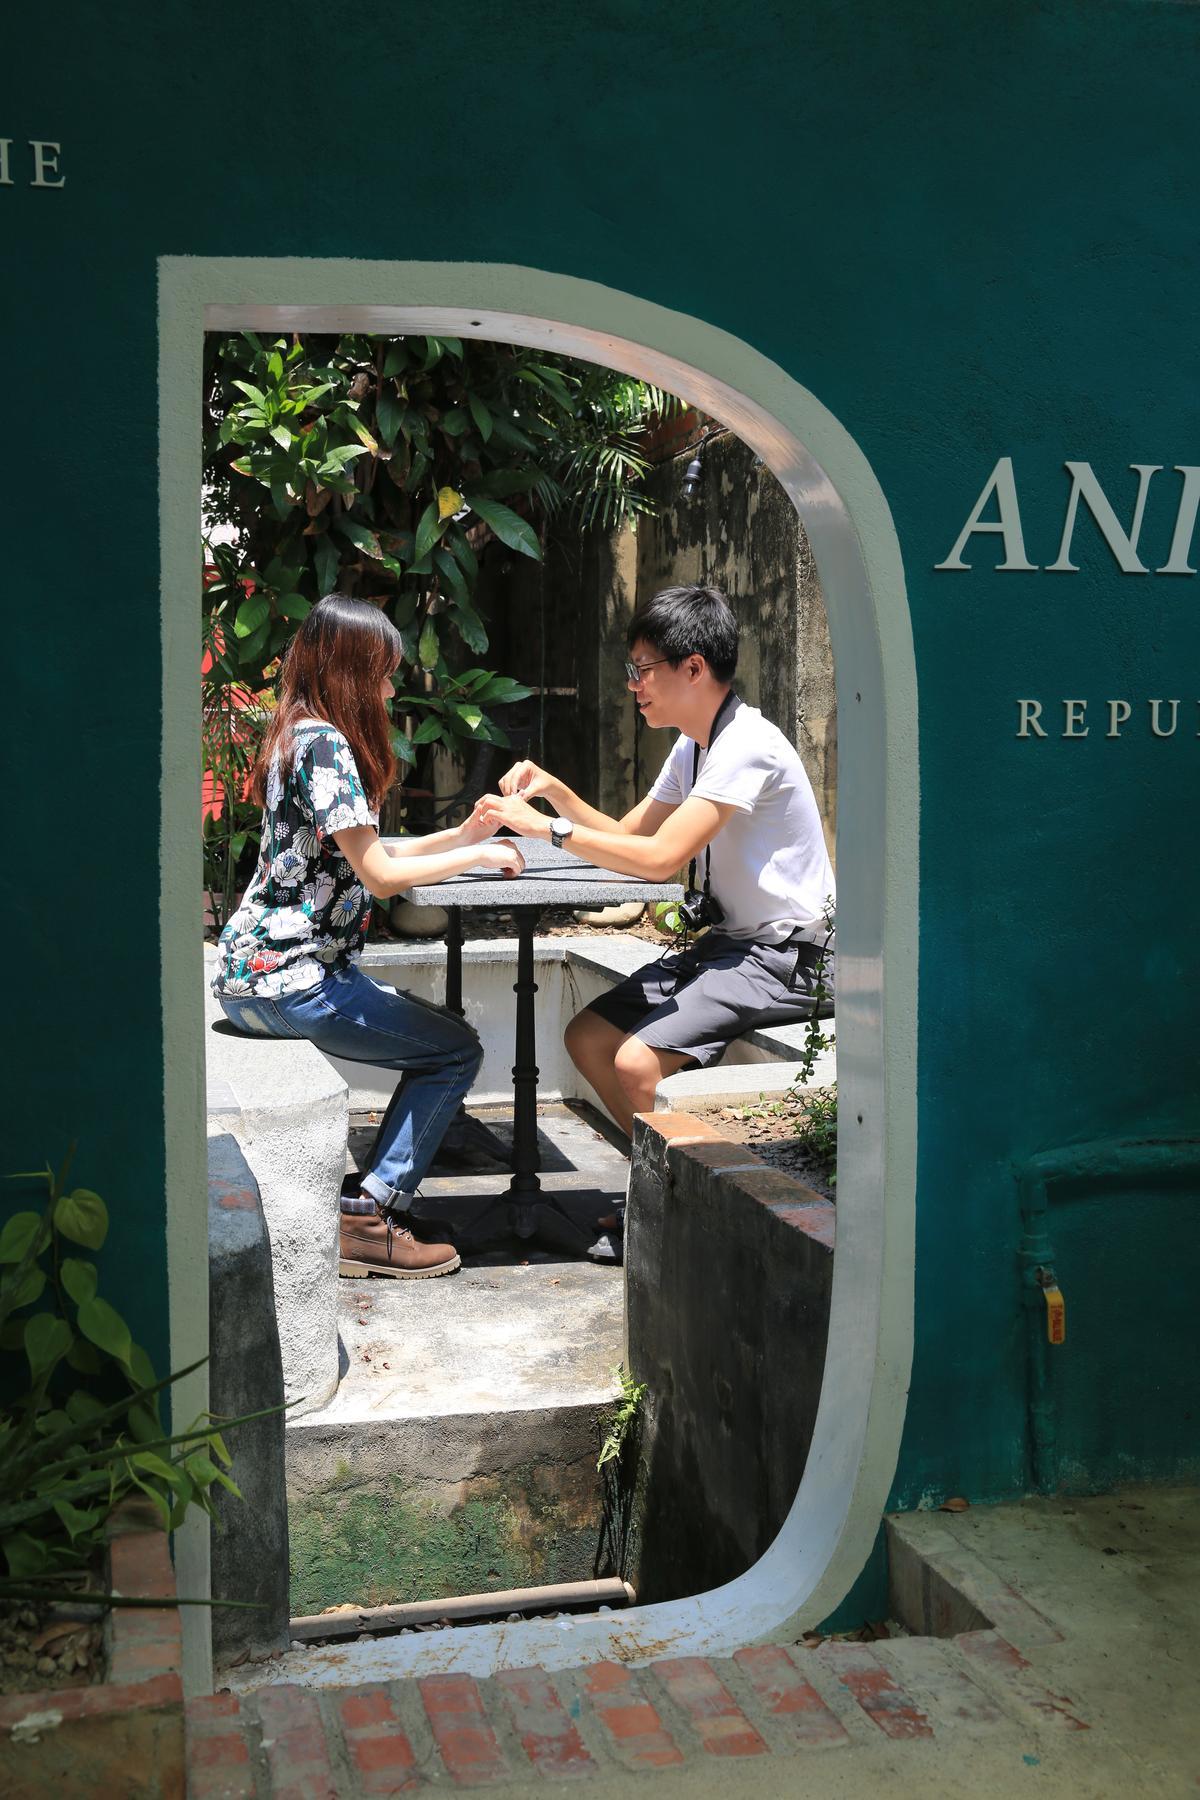 戶外庭園有不同閒情角落,這一張桌椅原本是魚池。